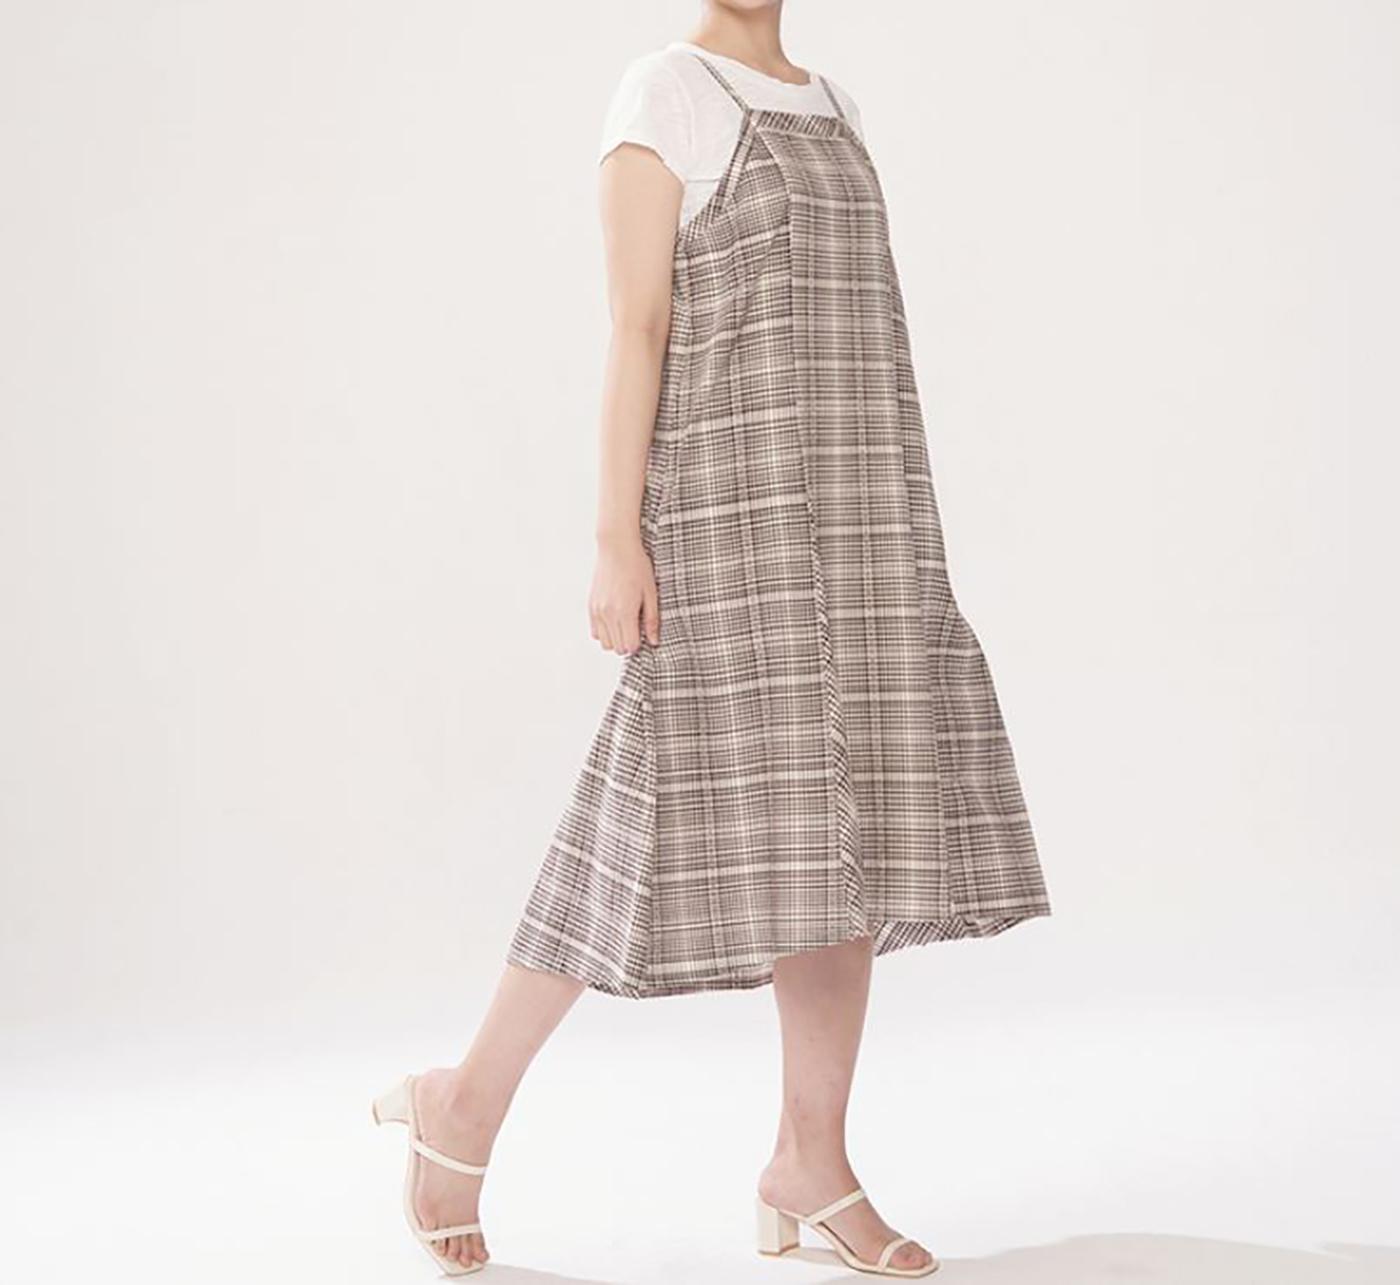 산타페 드레스/넉넉하고 세련된 산타페 드레스 상세이미지5